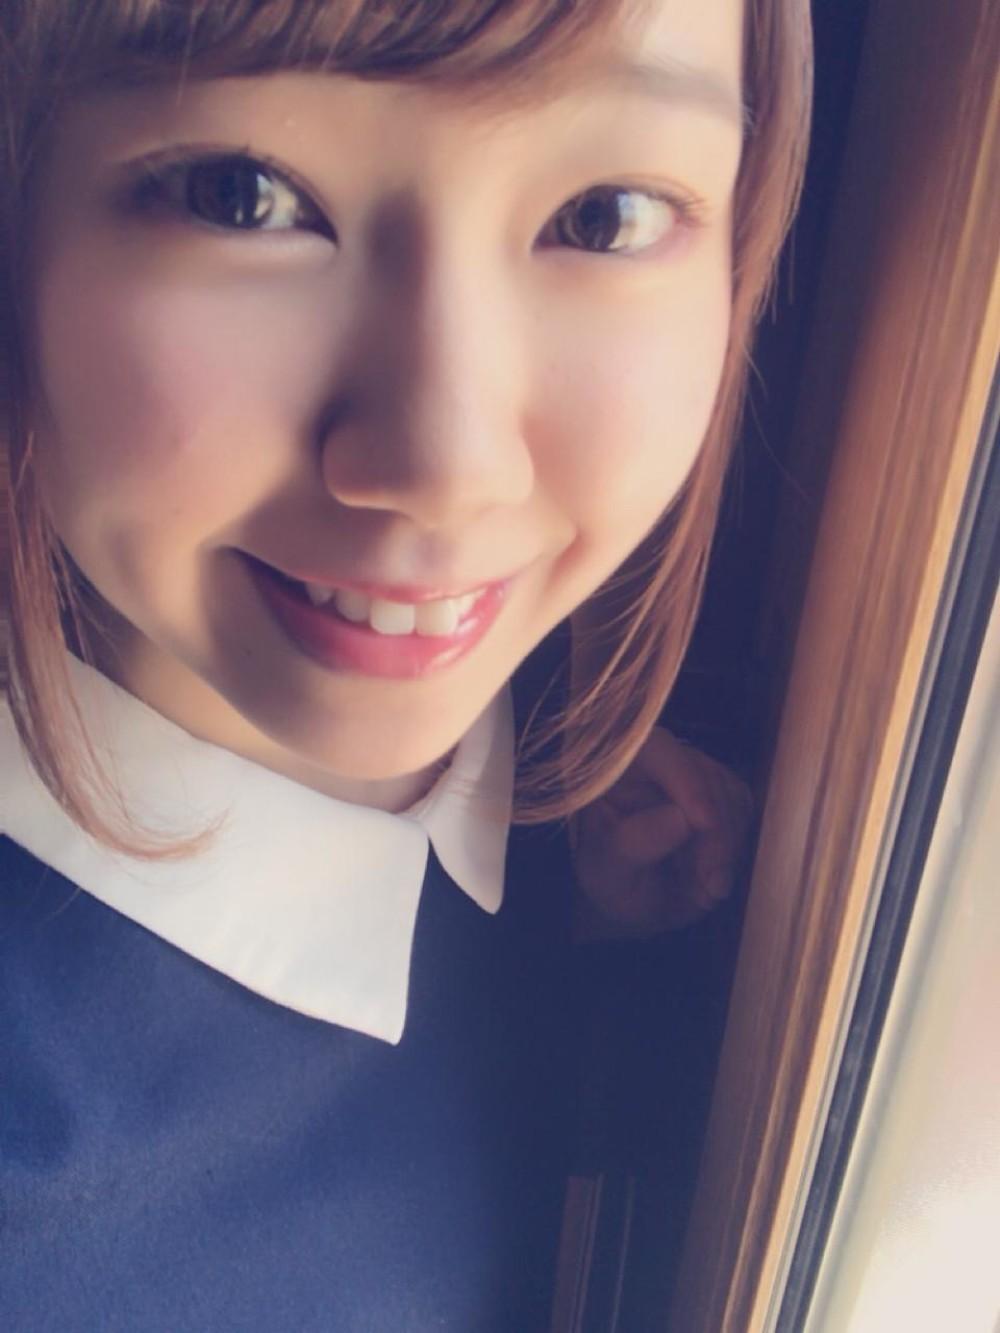 山口恵里 Ta女子 Ta女子の記事詳細2018 06 14 23 30 39 アイドル